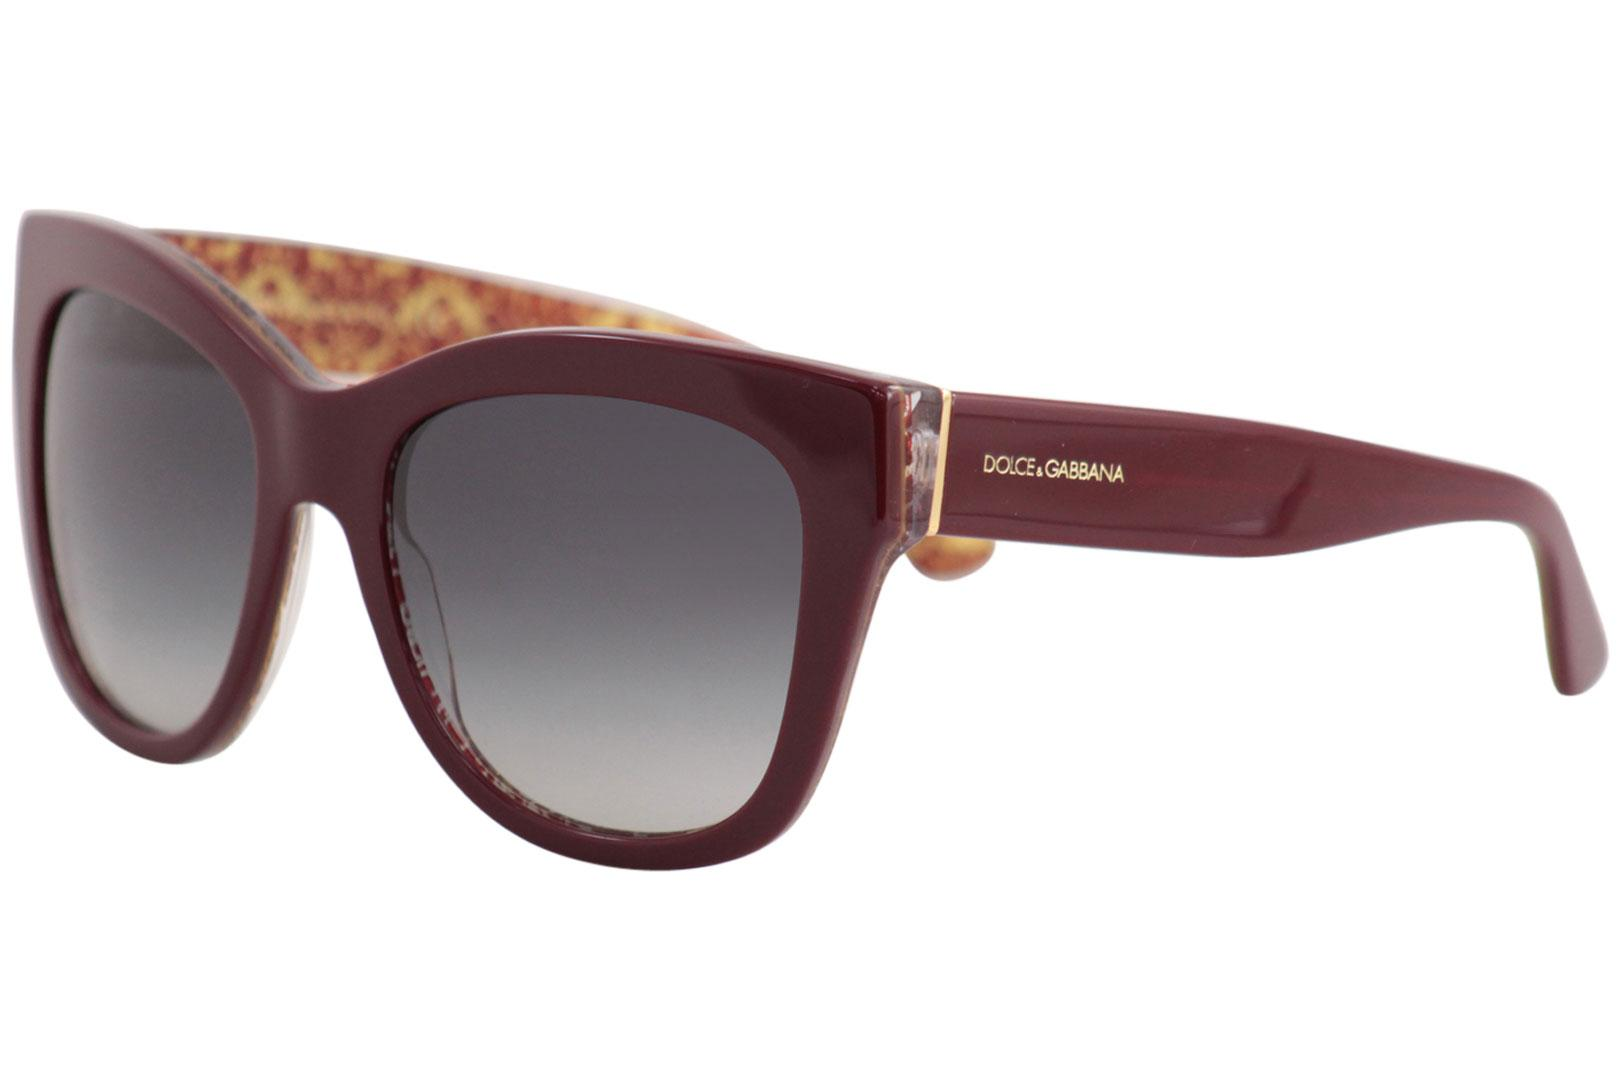 52b60ccaa2 Dolce   Gabbana D G DG4270 DG 4270 3205 8G Bordeaux Square ...